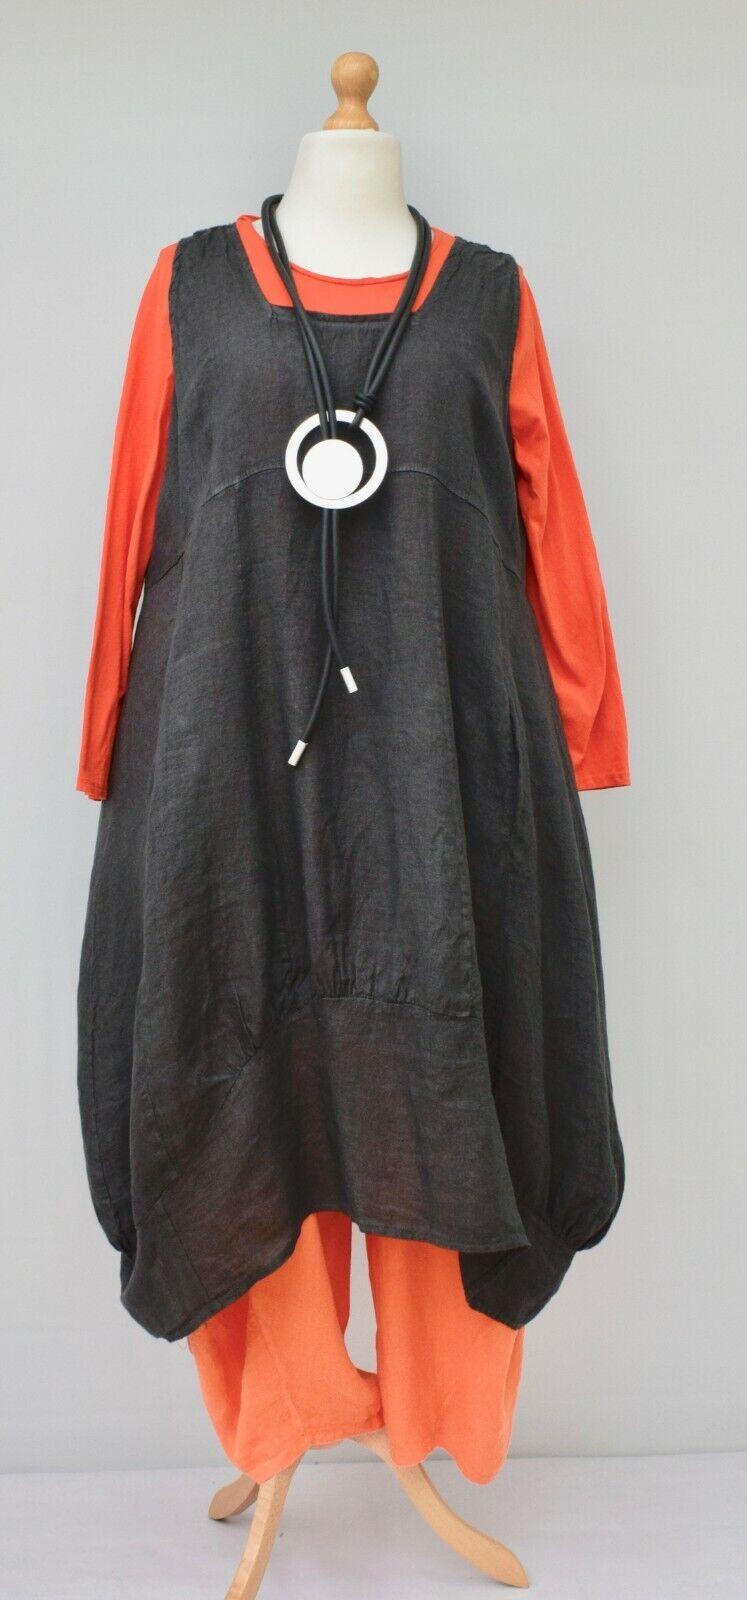 Übergröße Leinen Einfarbig 2 Taschen Langes Kleid Dunkelgrau XL-XXL 52-54